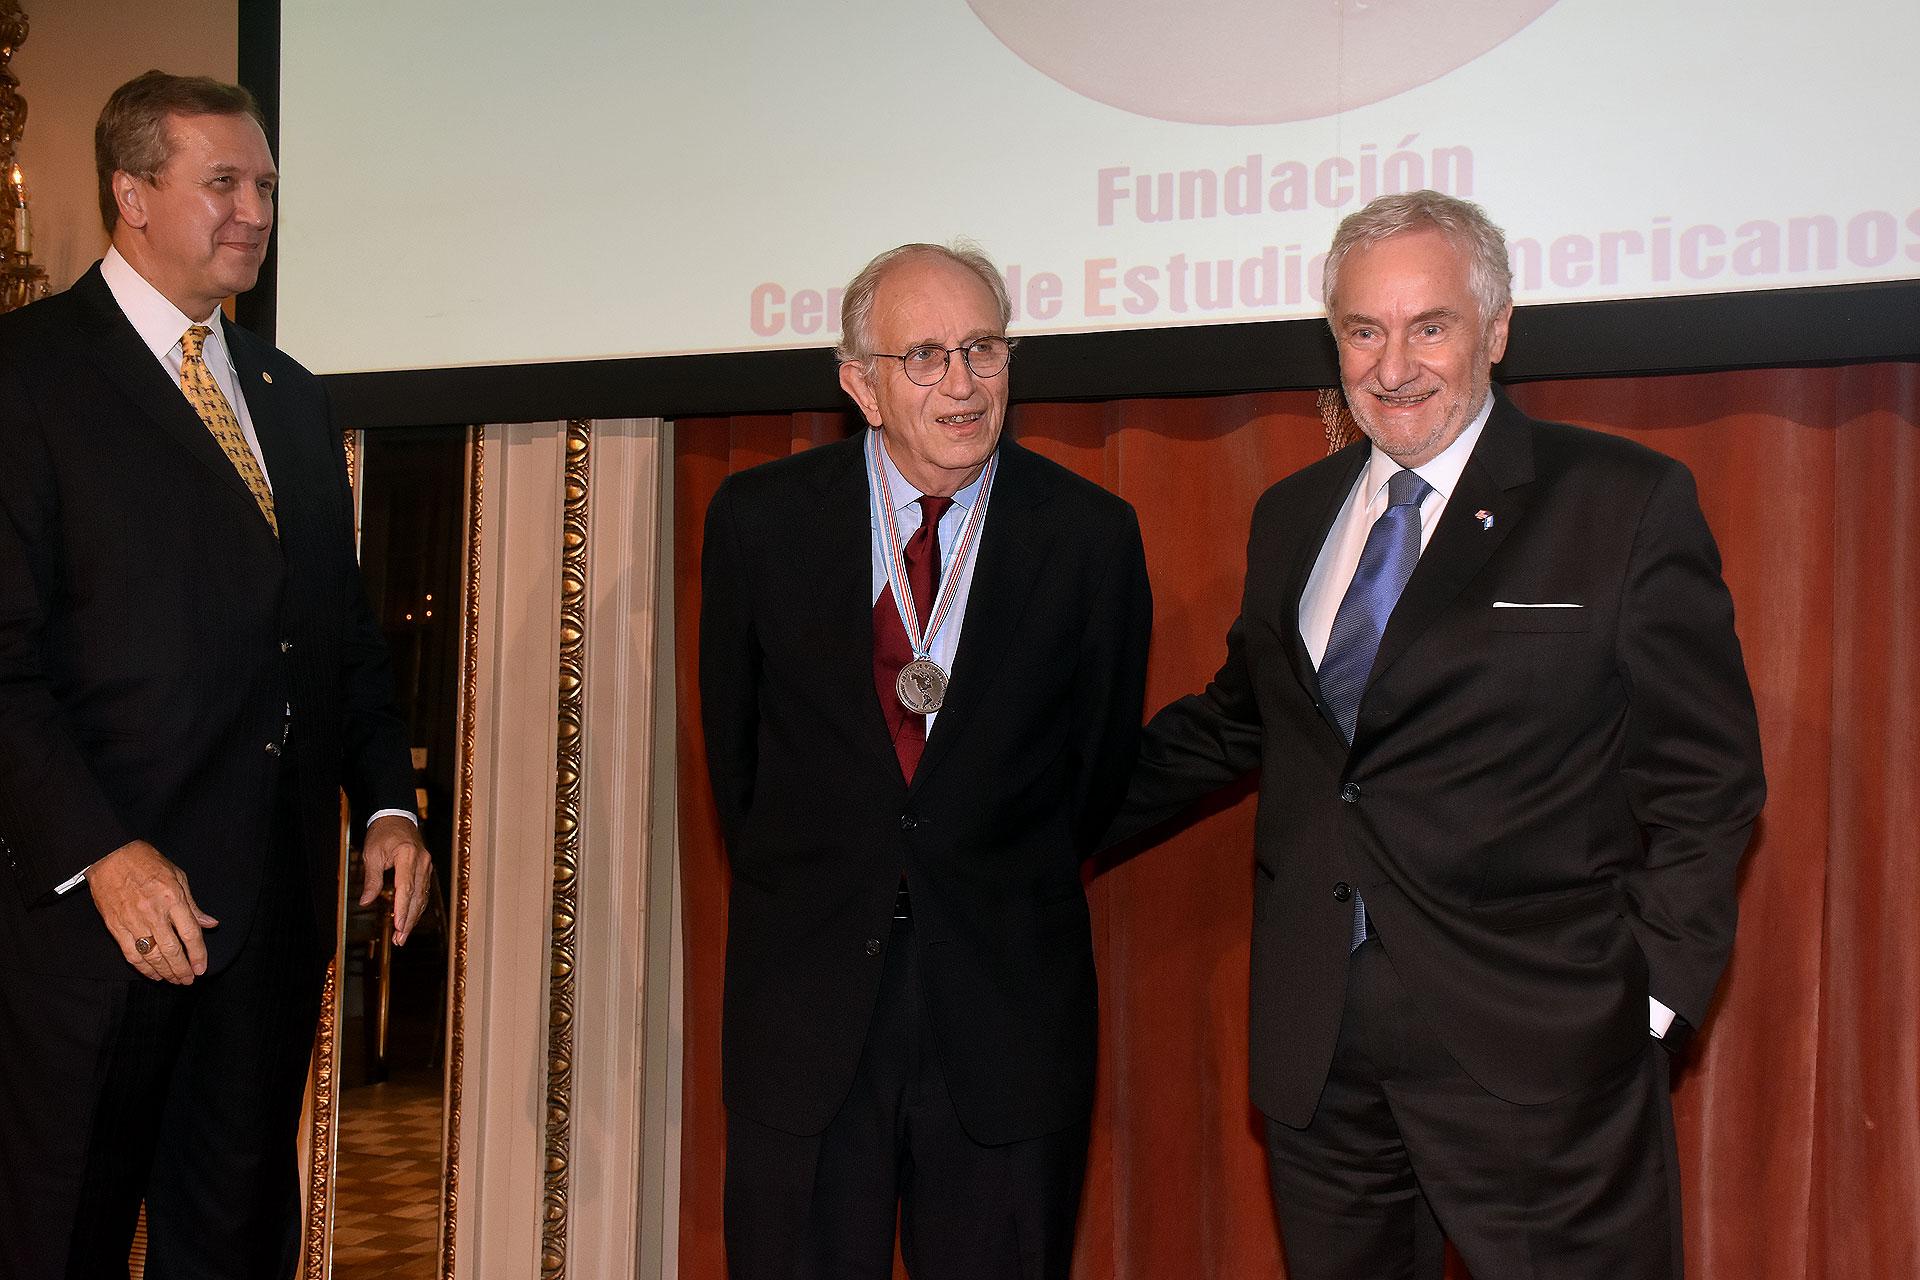 El presidente emérito del Inter American Dialogue, Peter Hakim